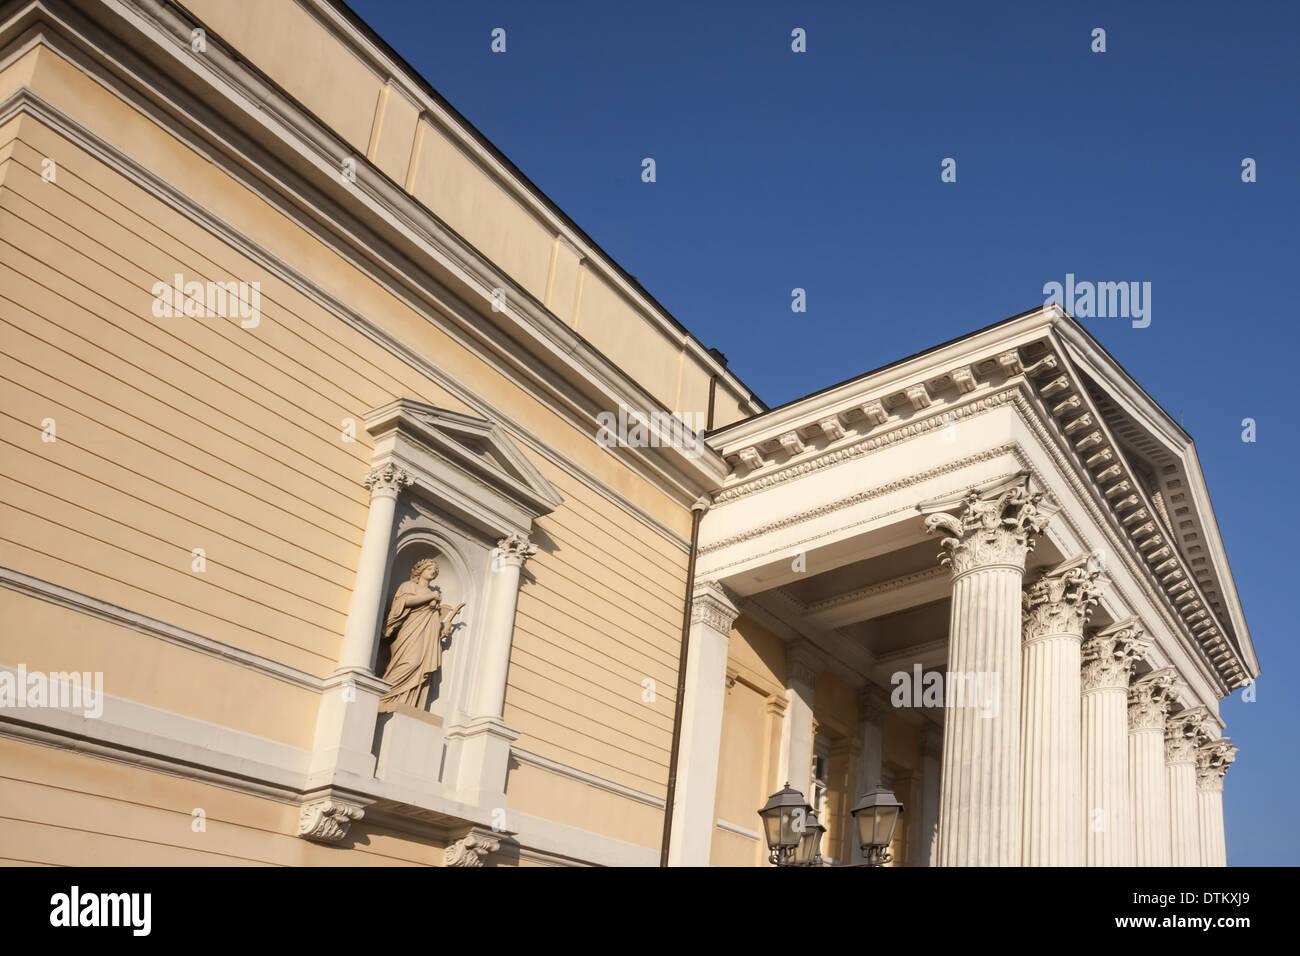 Kunst Und Architektur Stockbild